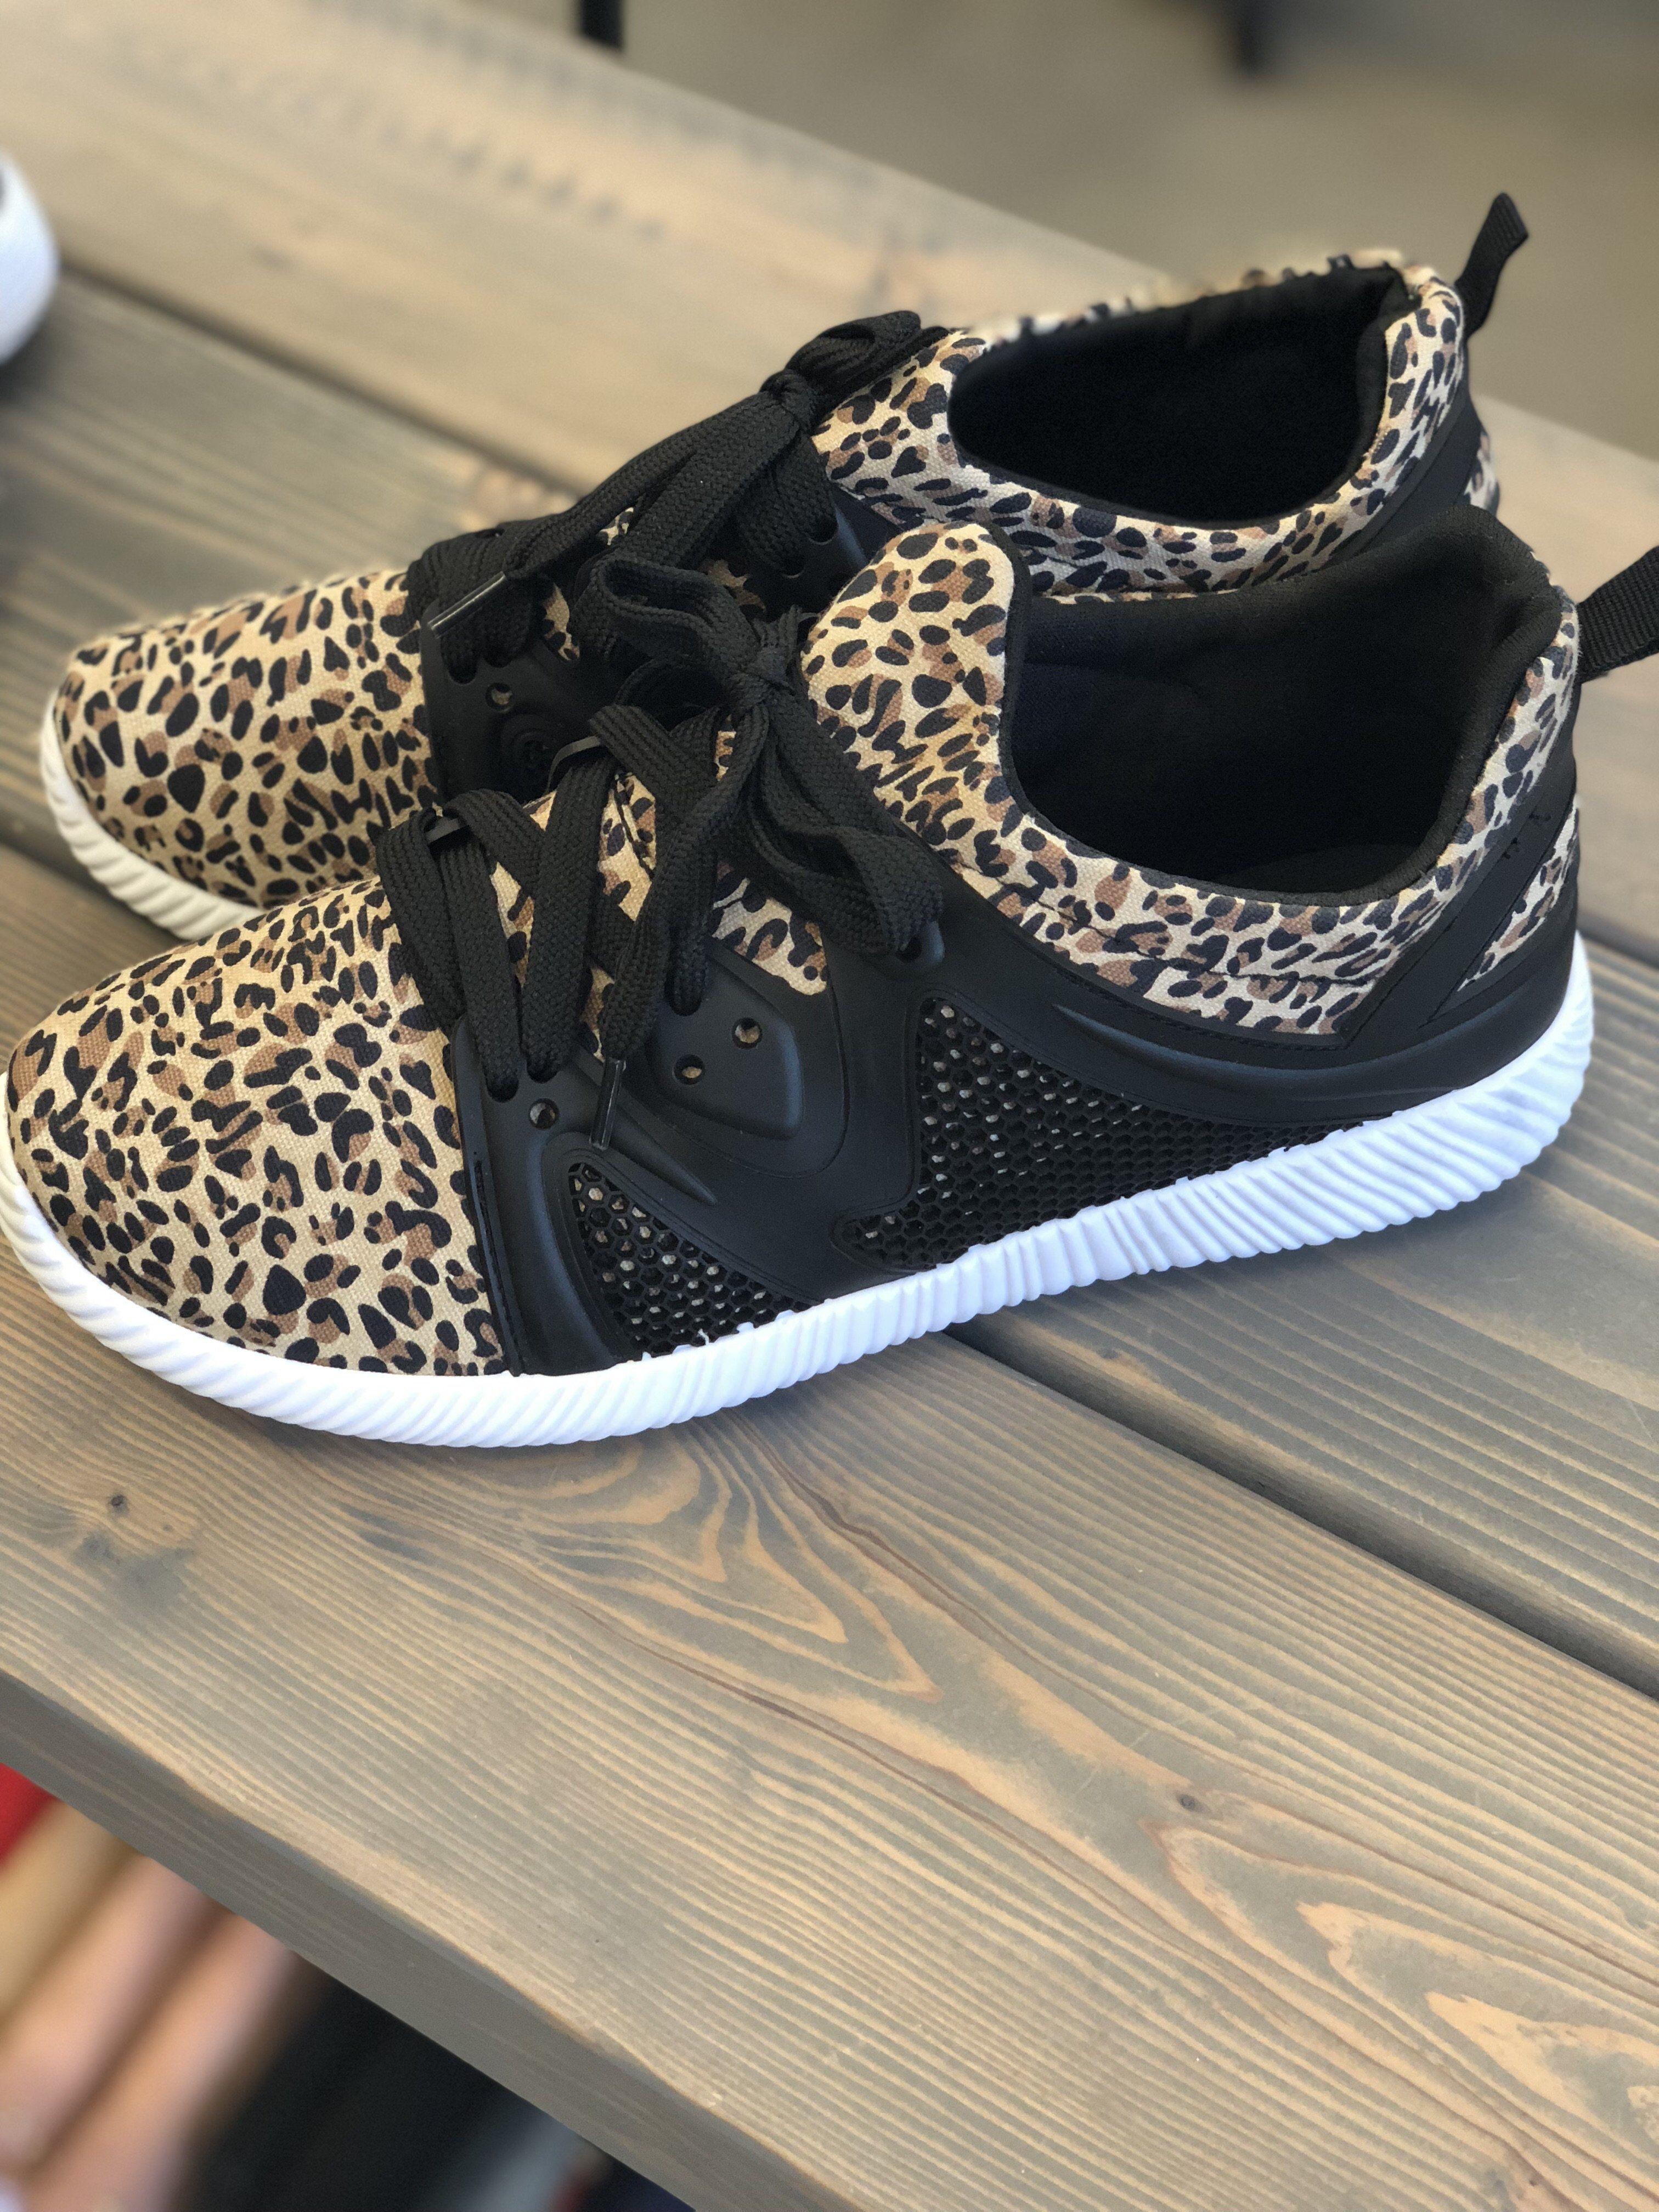 a30a0dd1ea0a Leopard Tennis Shoes in 2019 | Fashion | Shoes, Leopard shoes, Tennis